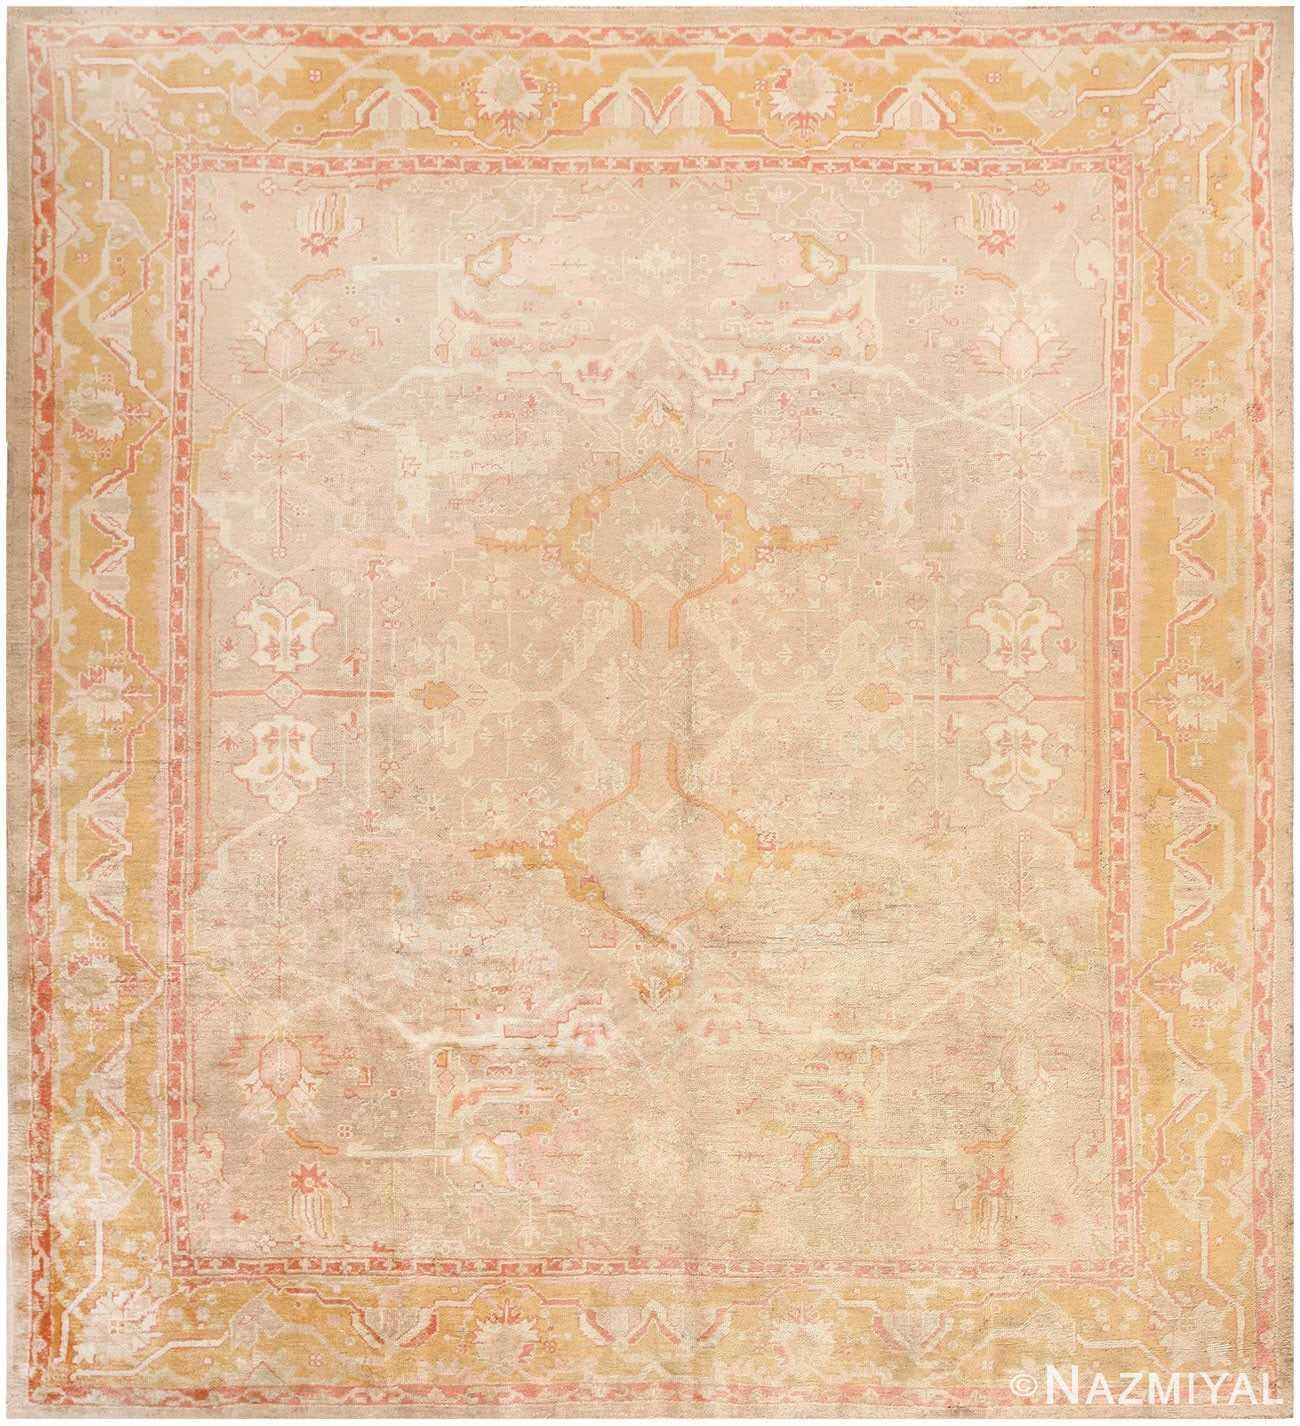 Antique Turkish Oushak Rug 48040 Detail/Large View